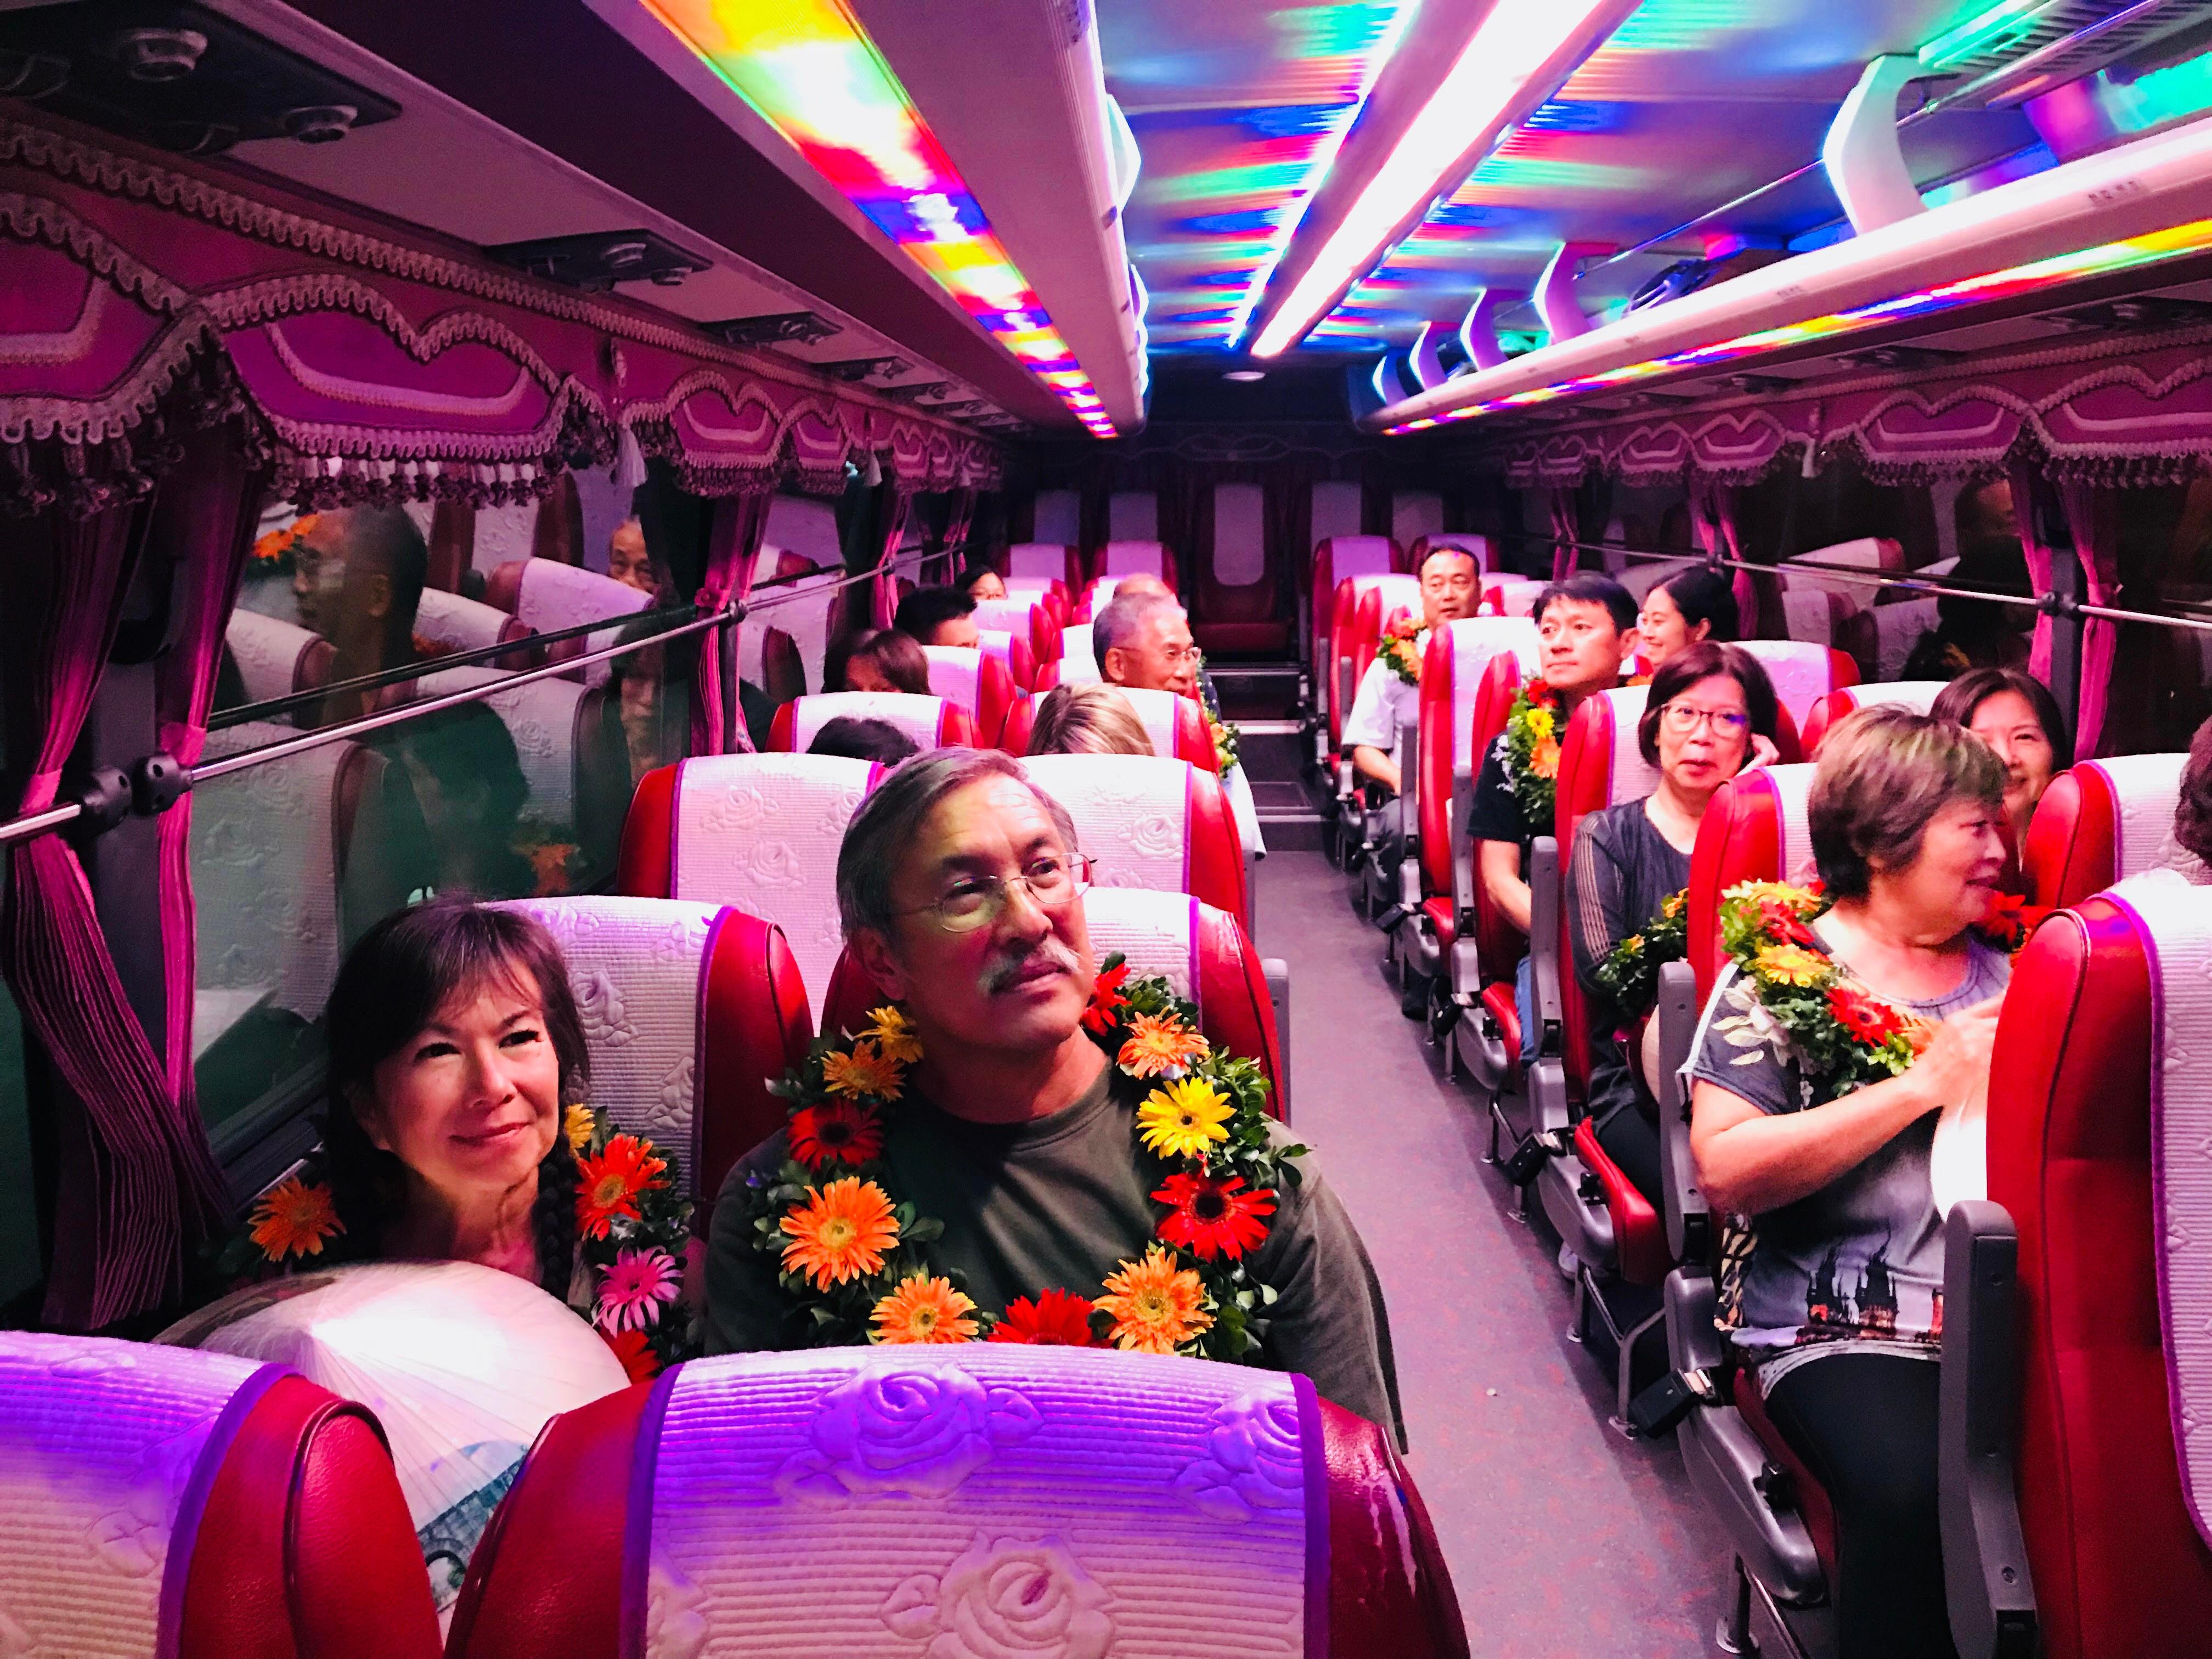 Đón đoàn khách du lịch từ Hoa Kỳ đến Thanh Hóa sau chương trình xúc tiến thương mại Ảnh 6